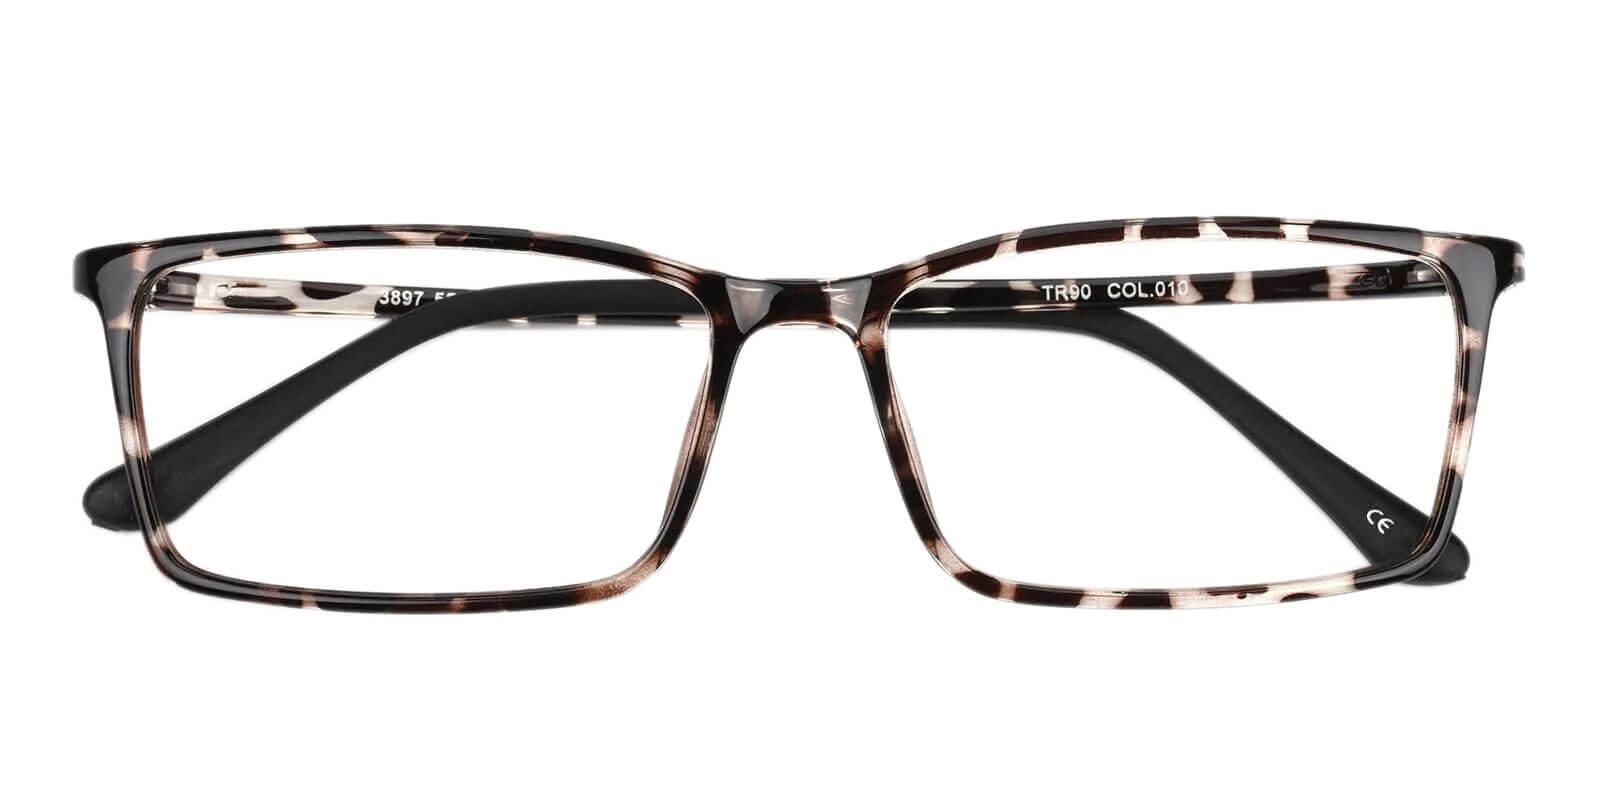 Samson Leopard TR Eyeglasses , SpringHinges , UniversalBridgeFit Frames from ABBE Glasses